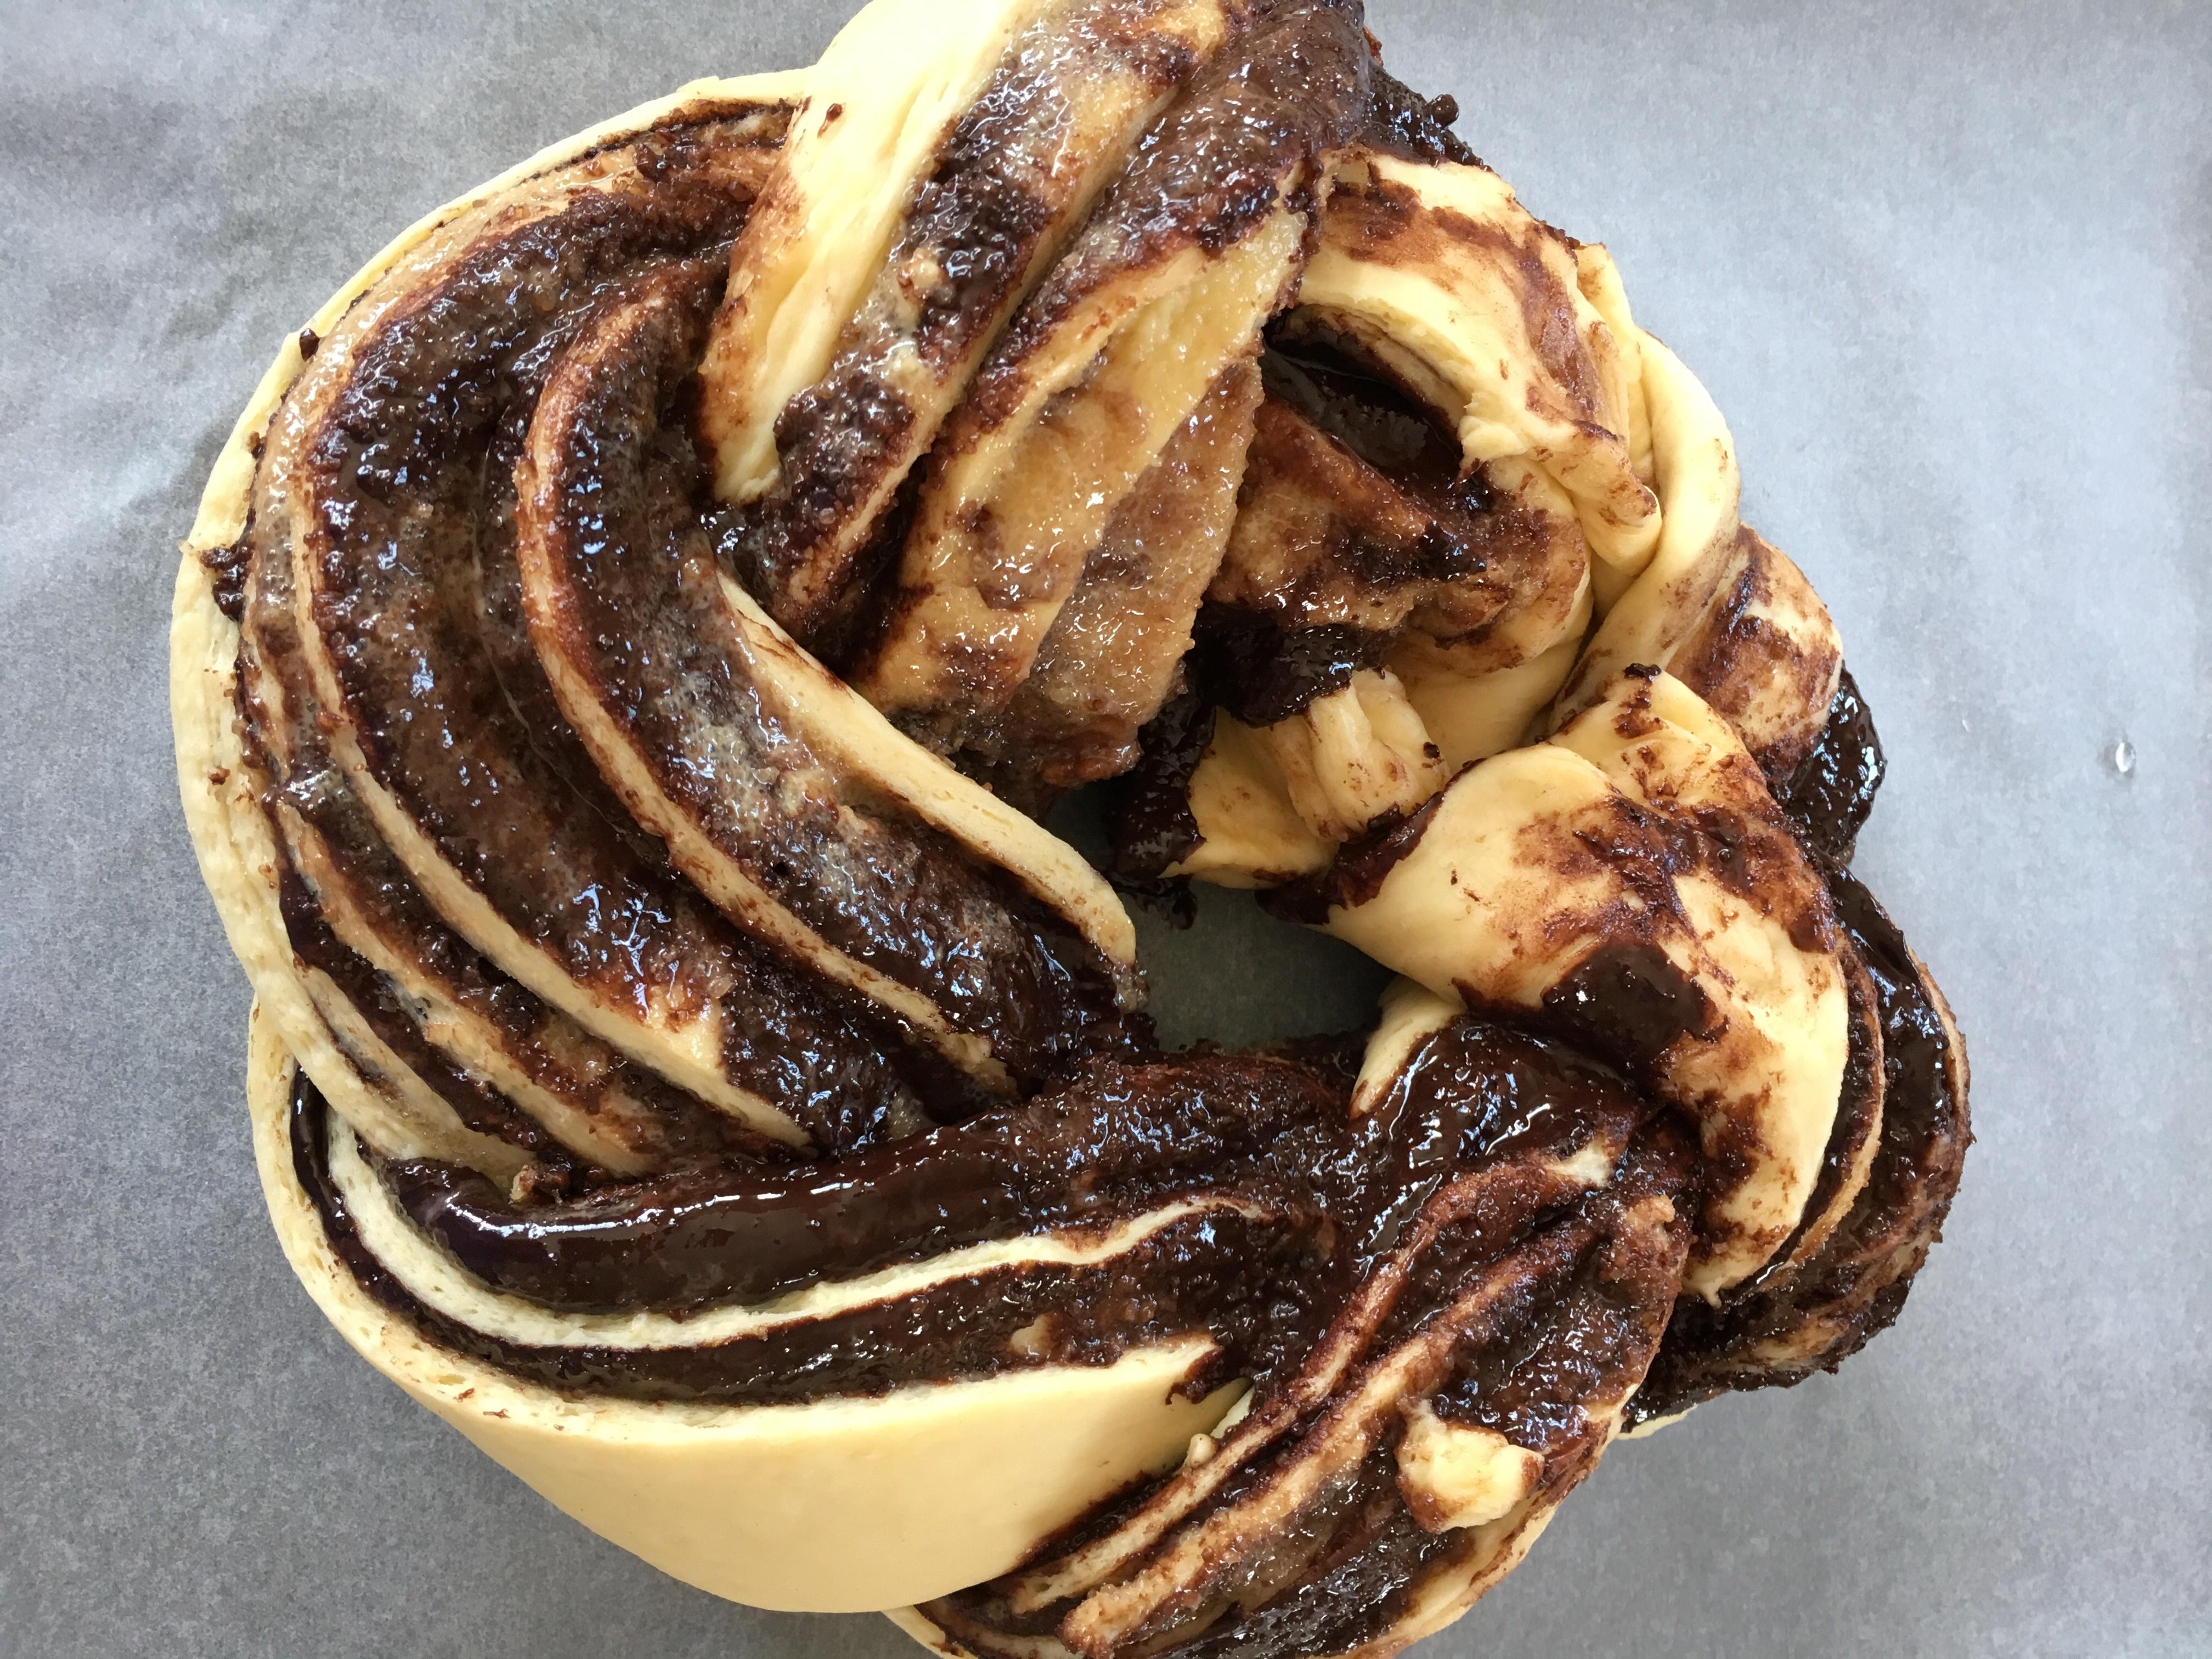 Így néz ki a gyönyörűséged mielőtt betolnád a sütőbe